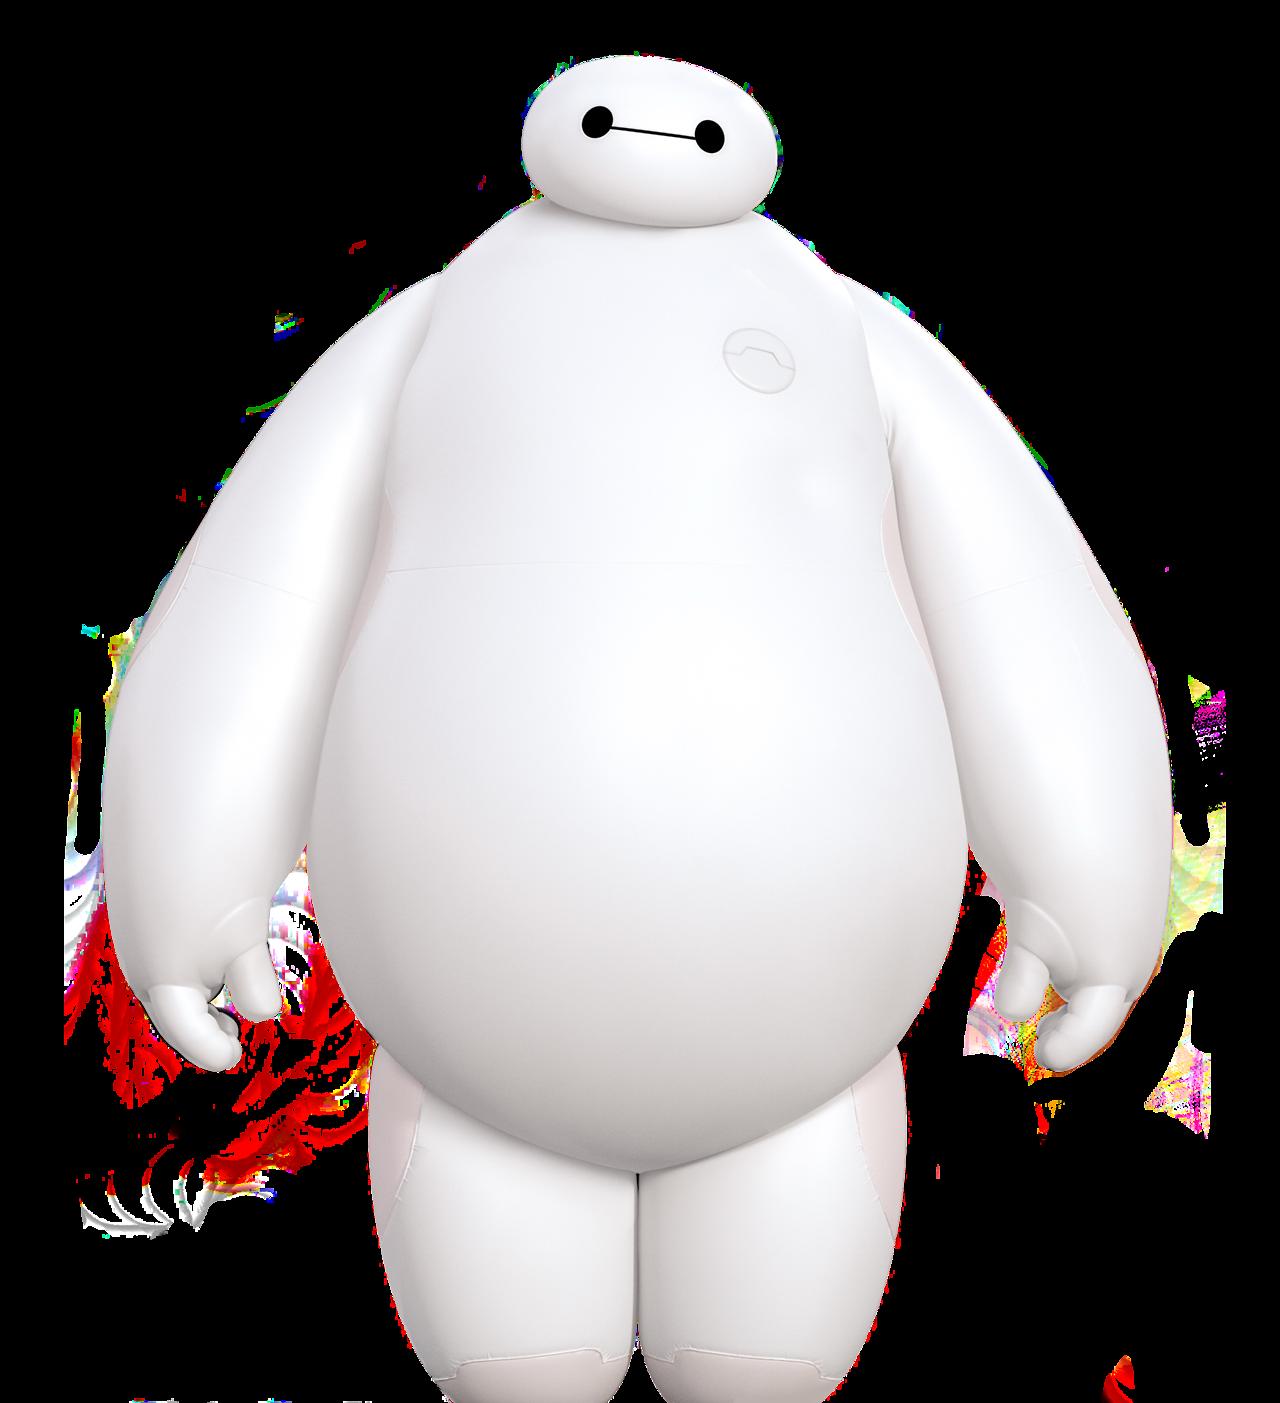 Baymax Big Hero 6 Wiki Fandom